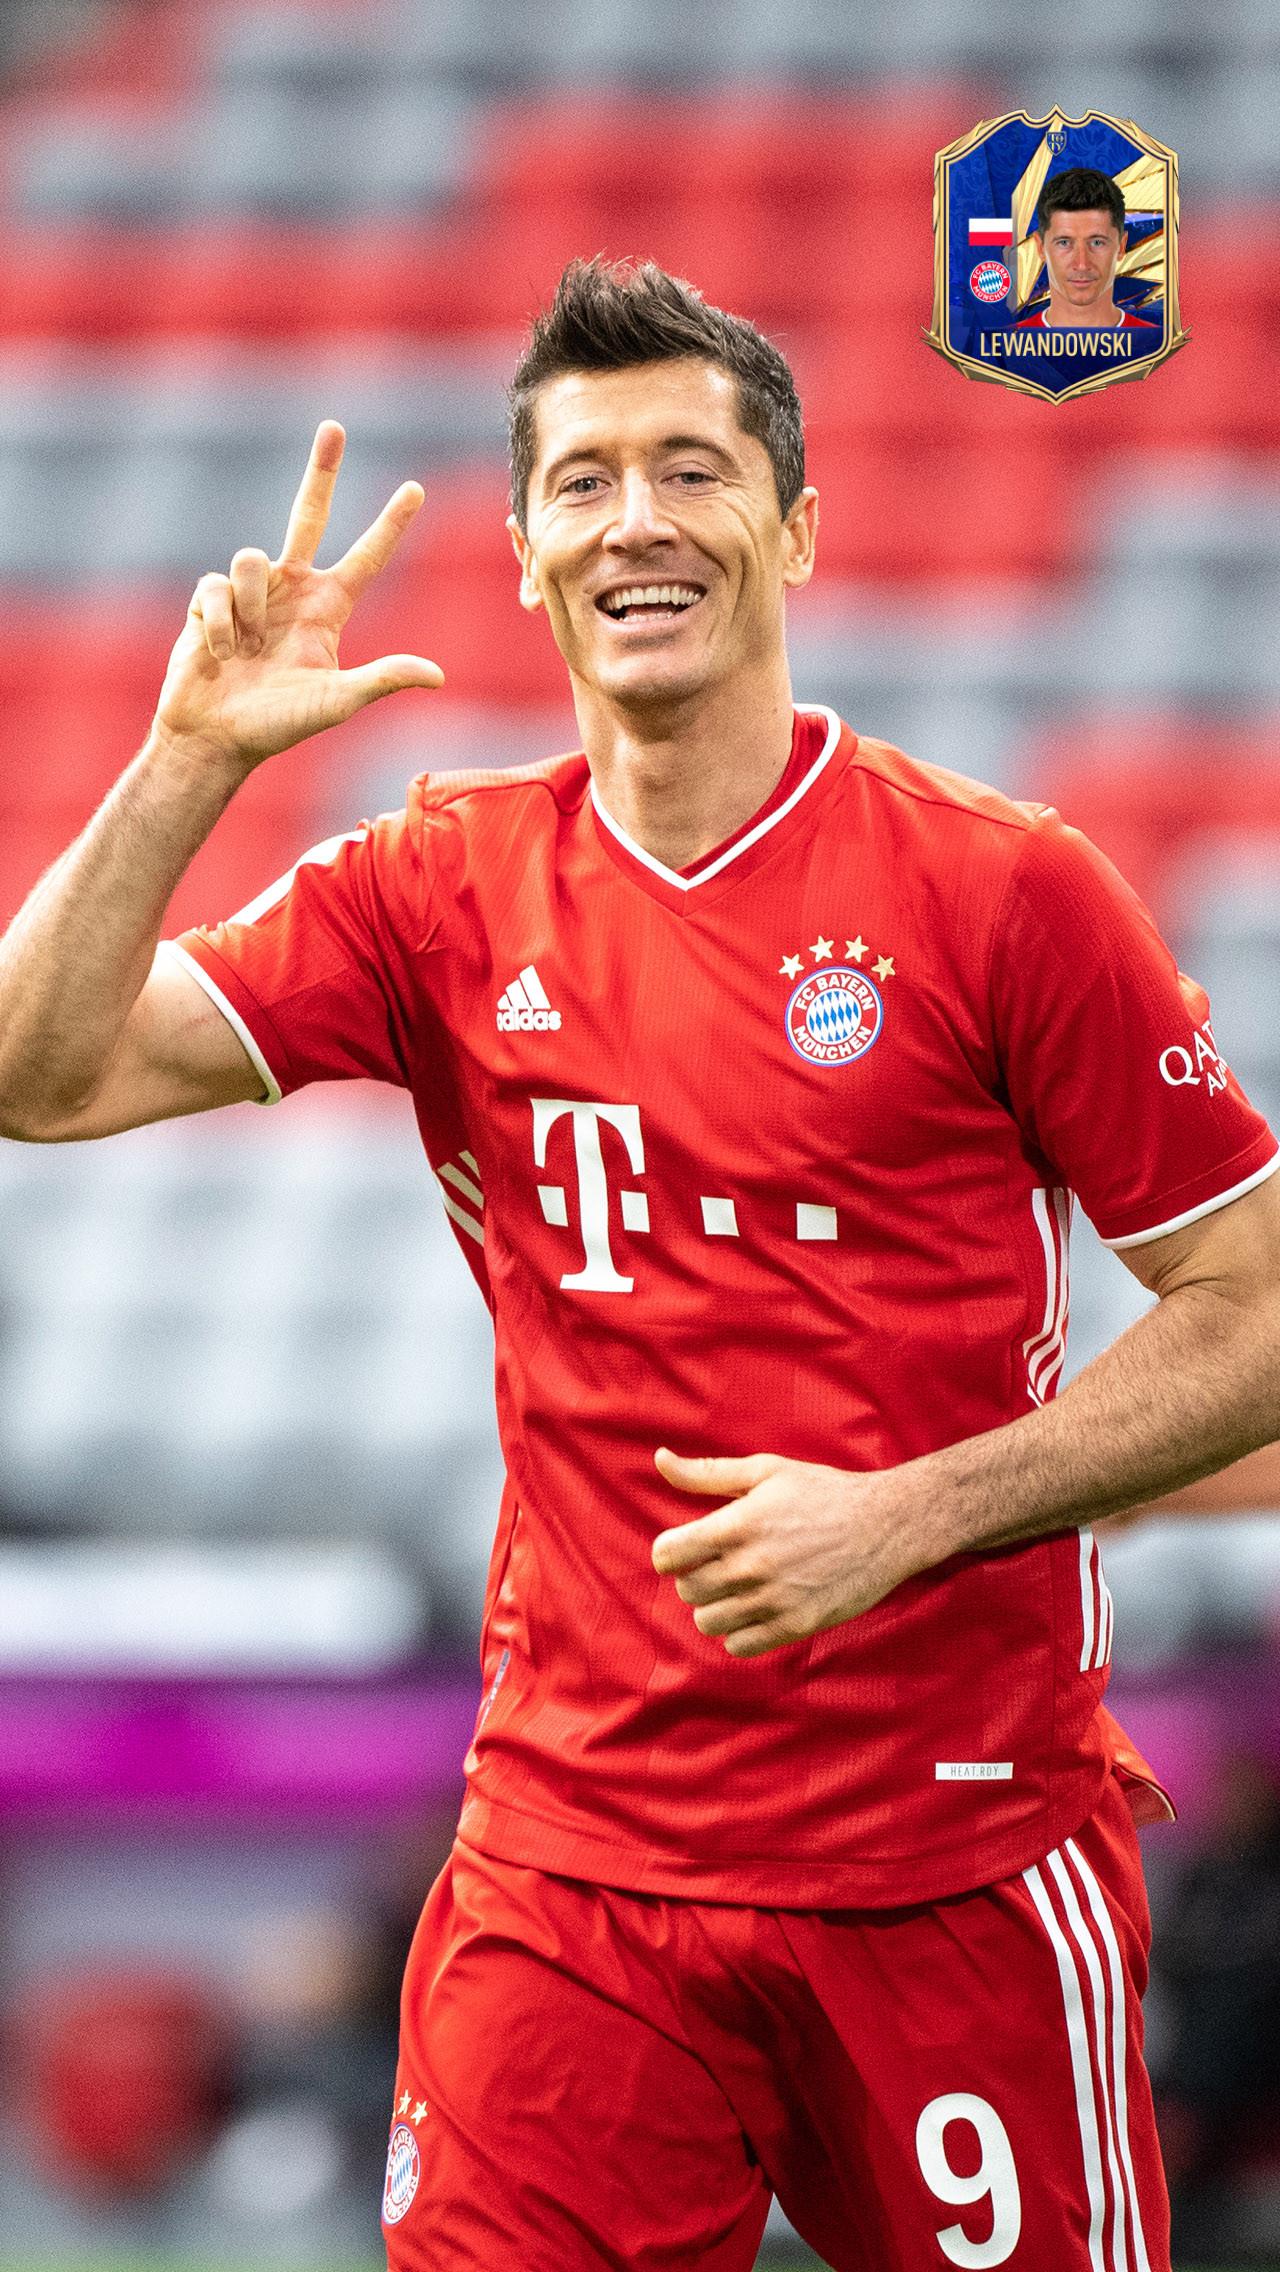 Центральный нападающий: Роберт Левандовски («Бавария»)